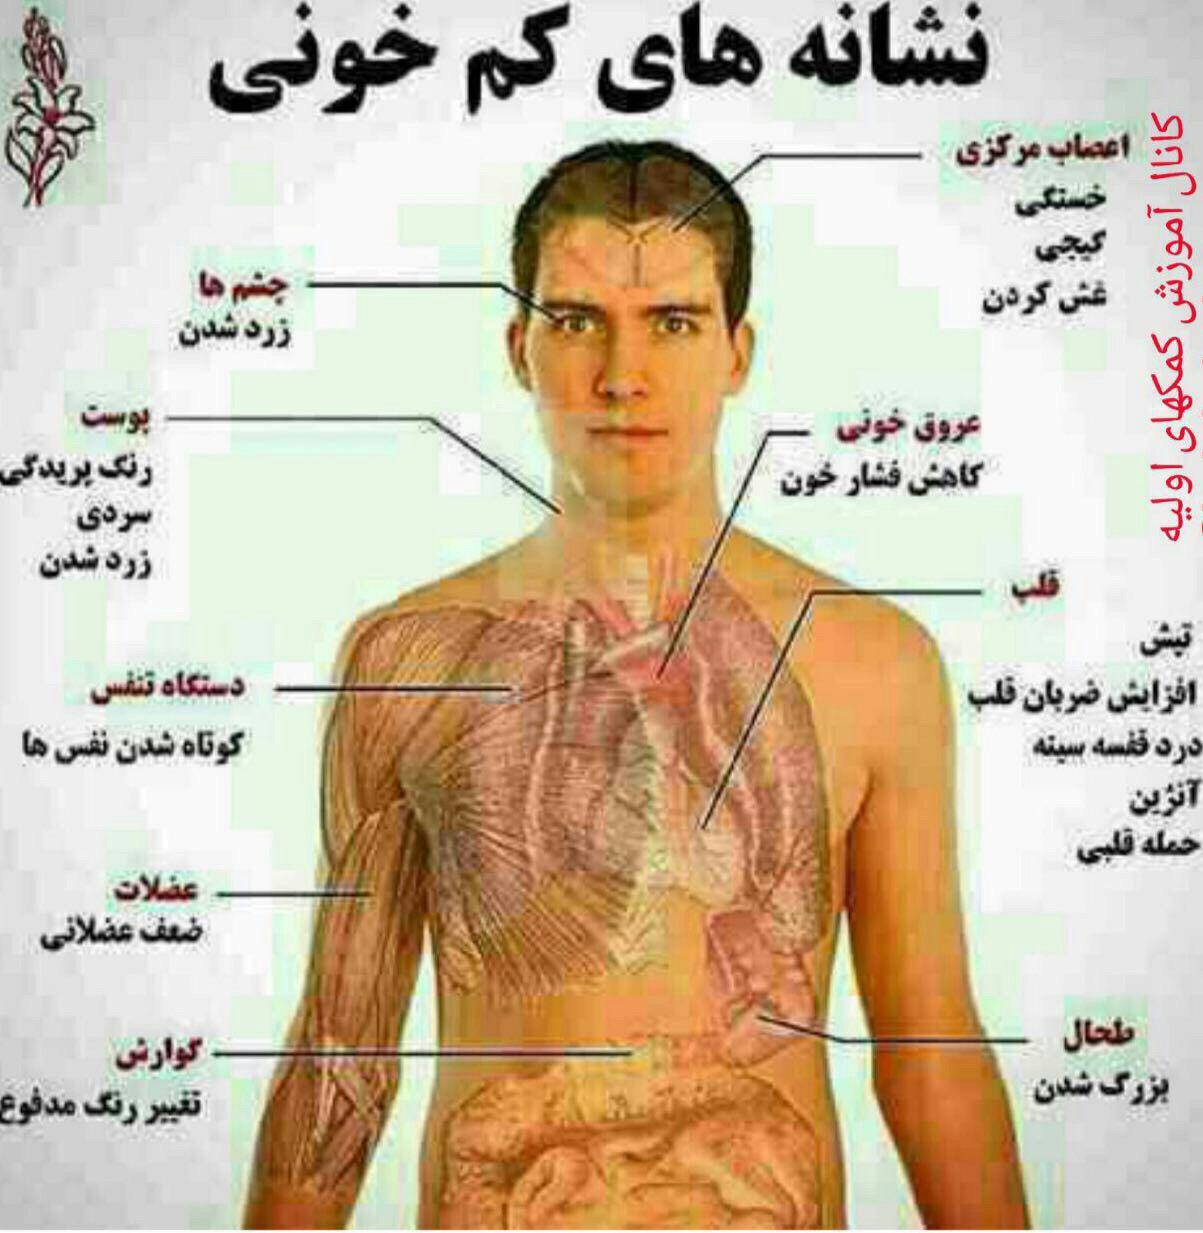 نشانه های کم خونی (عکس)